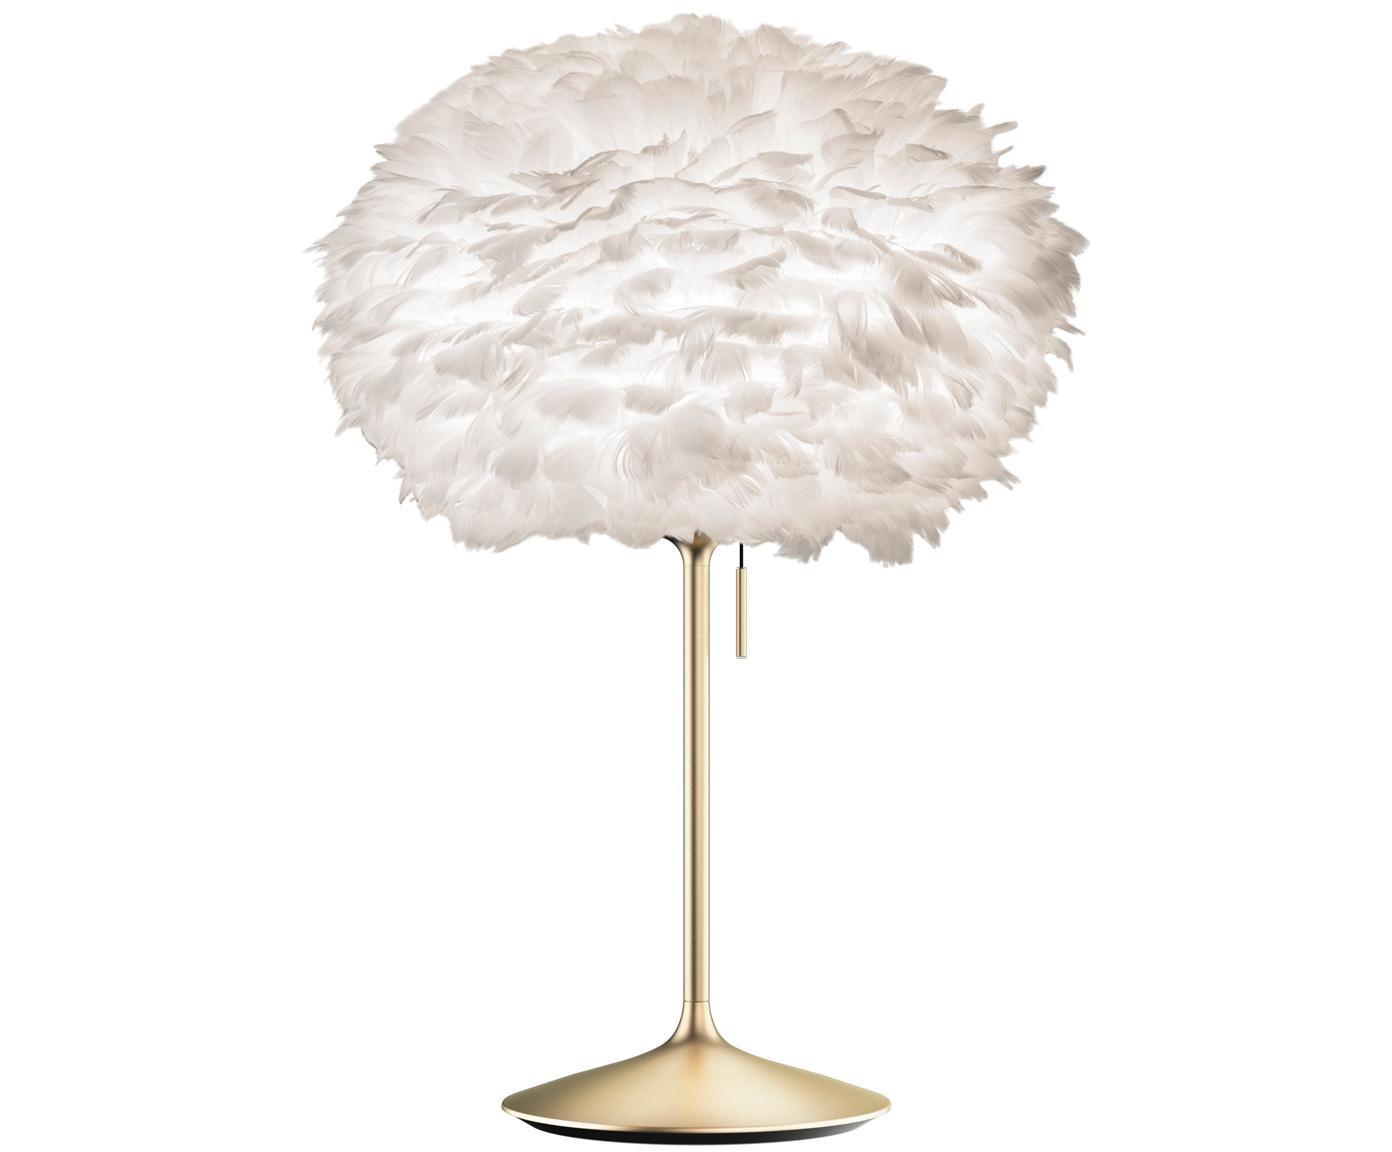 Duża lampa stołowa Eos Champagne, Stelaż: stal, Biały, mosiądz, Ø 45 x W 72 cm